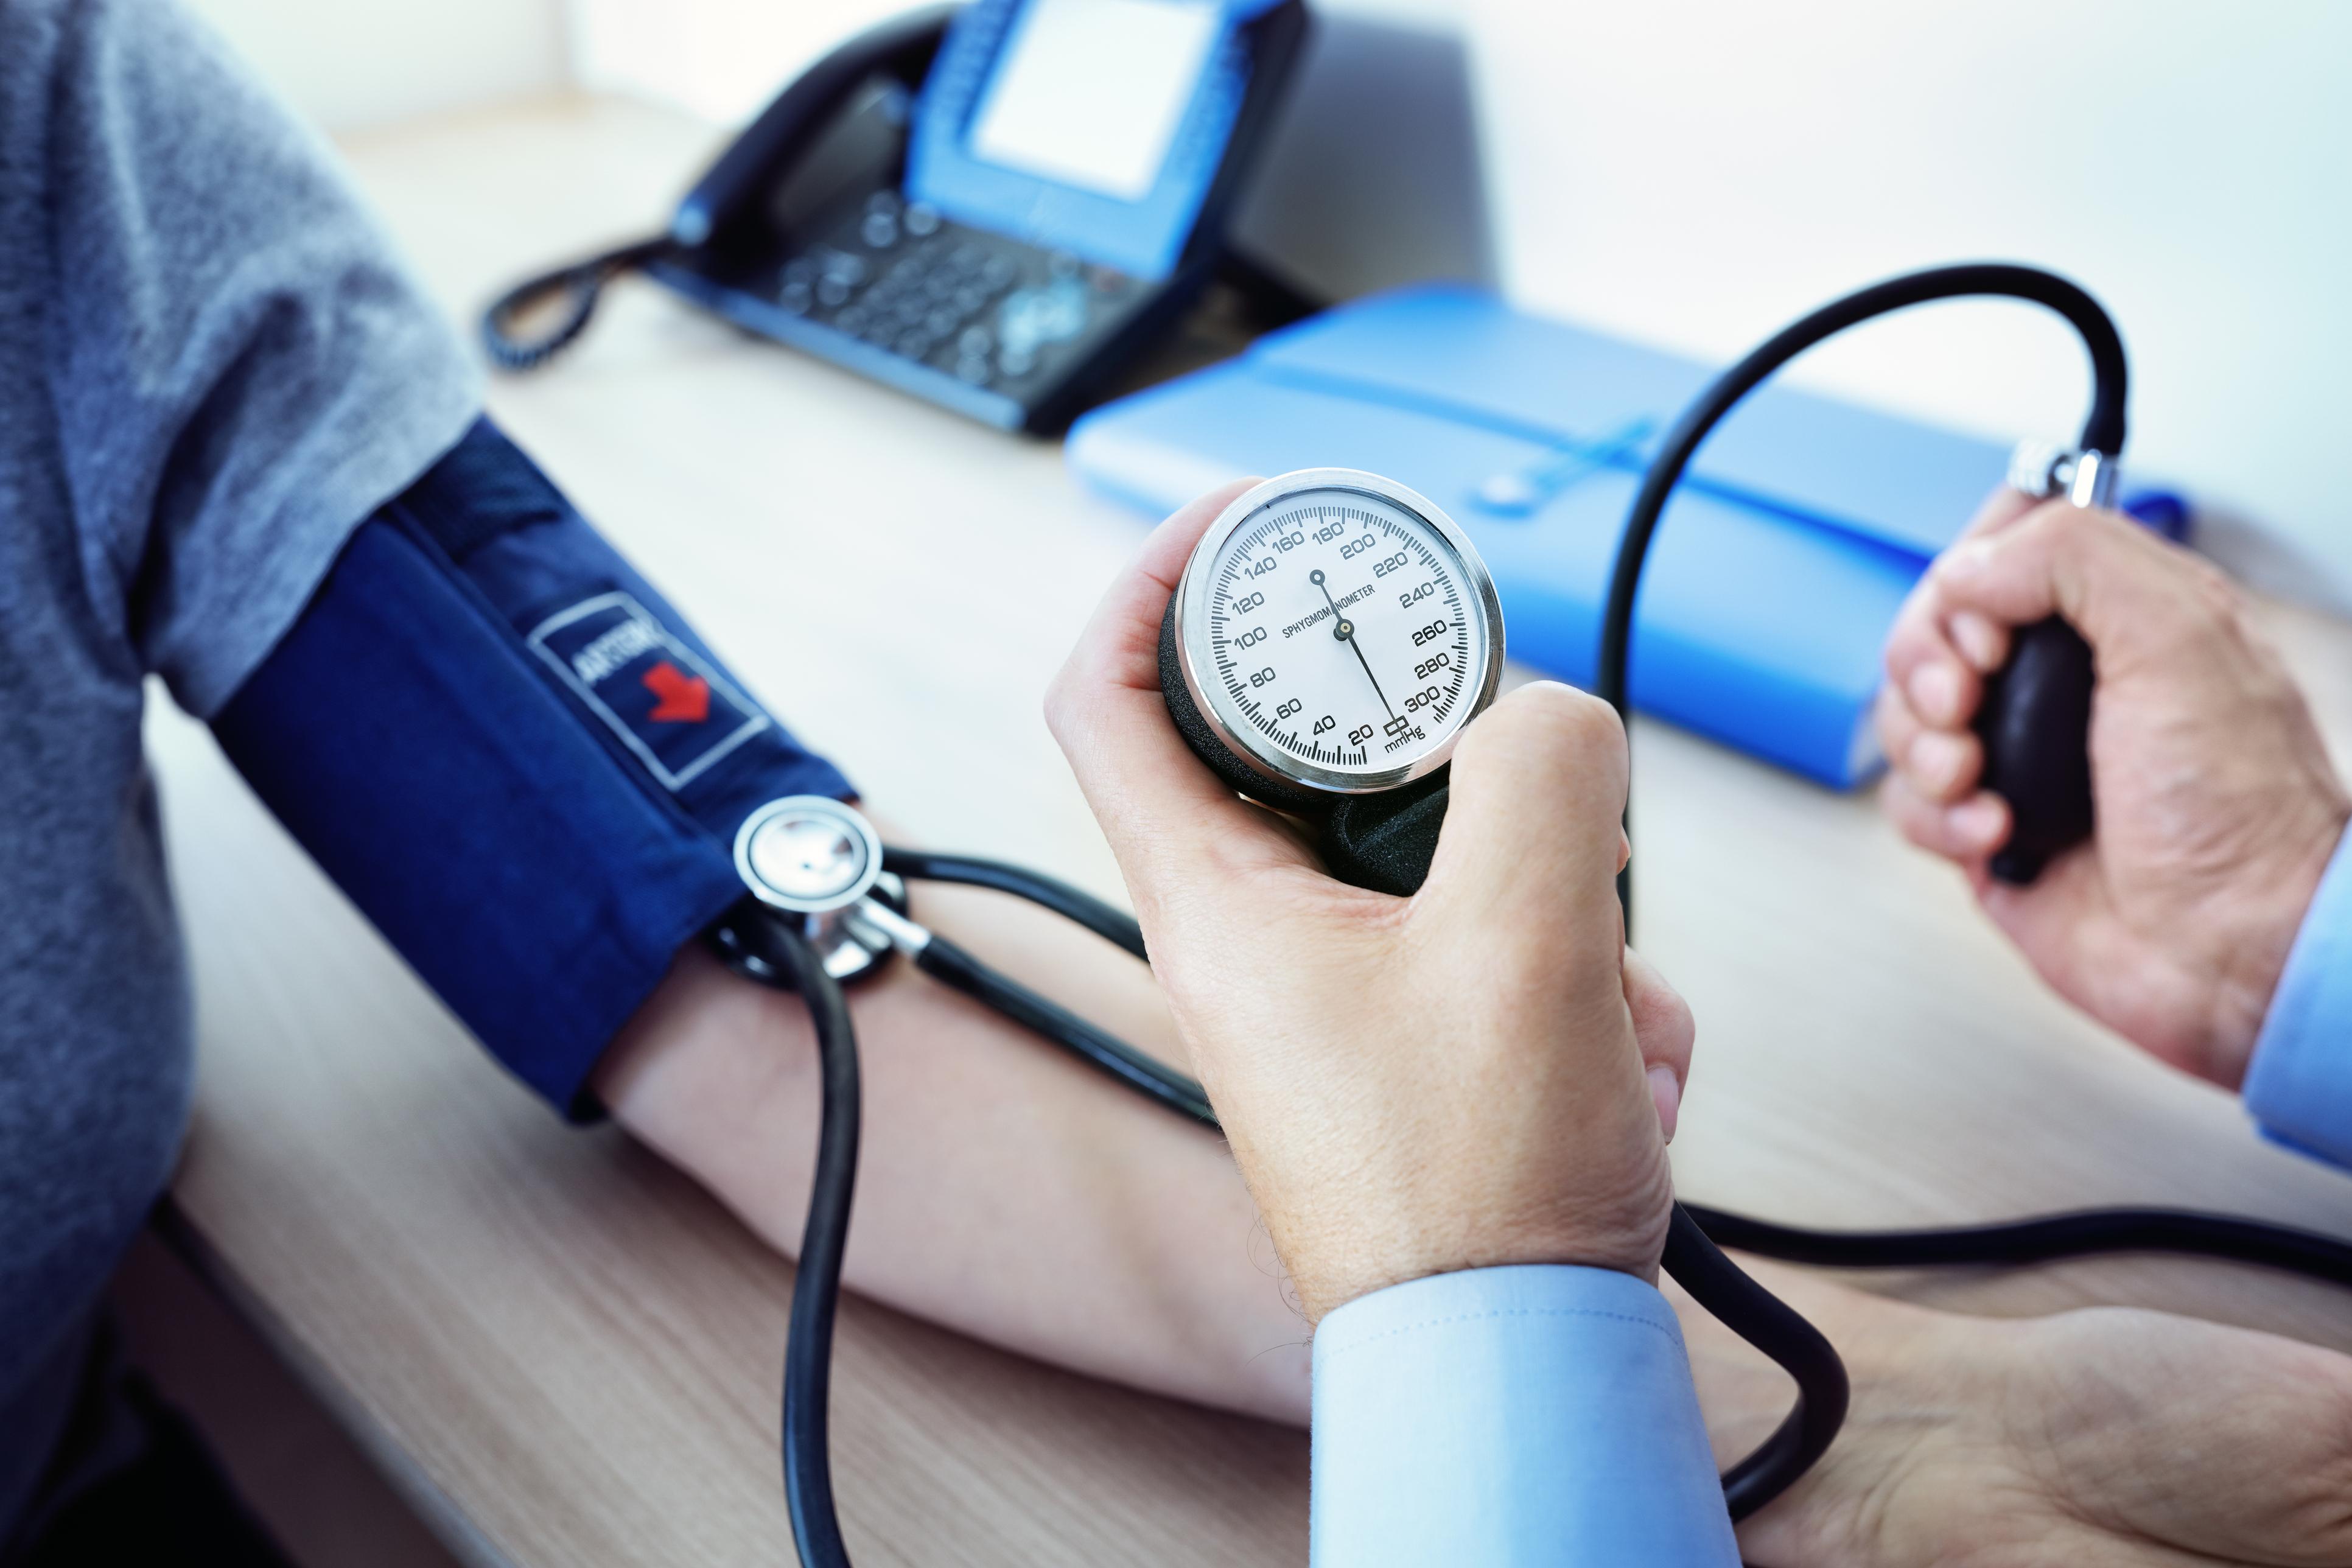 Sempre pensamos em fazer um checkup médico anual, mas nem sempre colocamos em prática essa teoria. Praticar atividades físicas ou ter uma alimentação saudável estão nos planos. Veja 7 motivos para você realizar um checkup médico e cuidar mais da sua saúde.